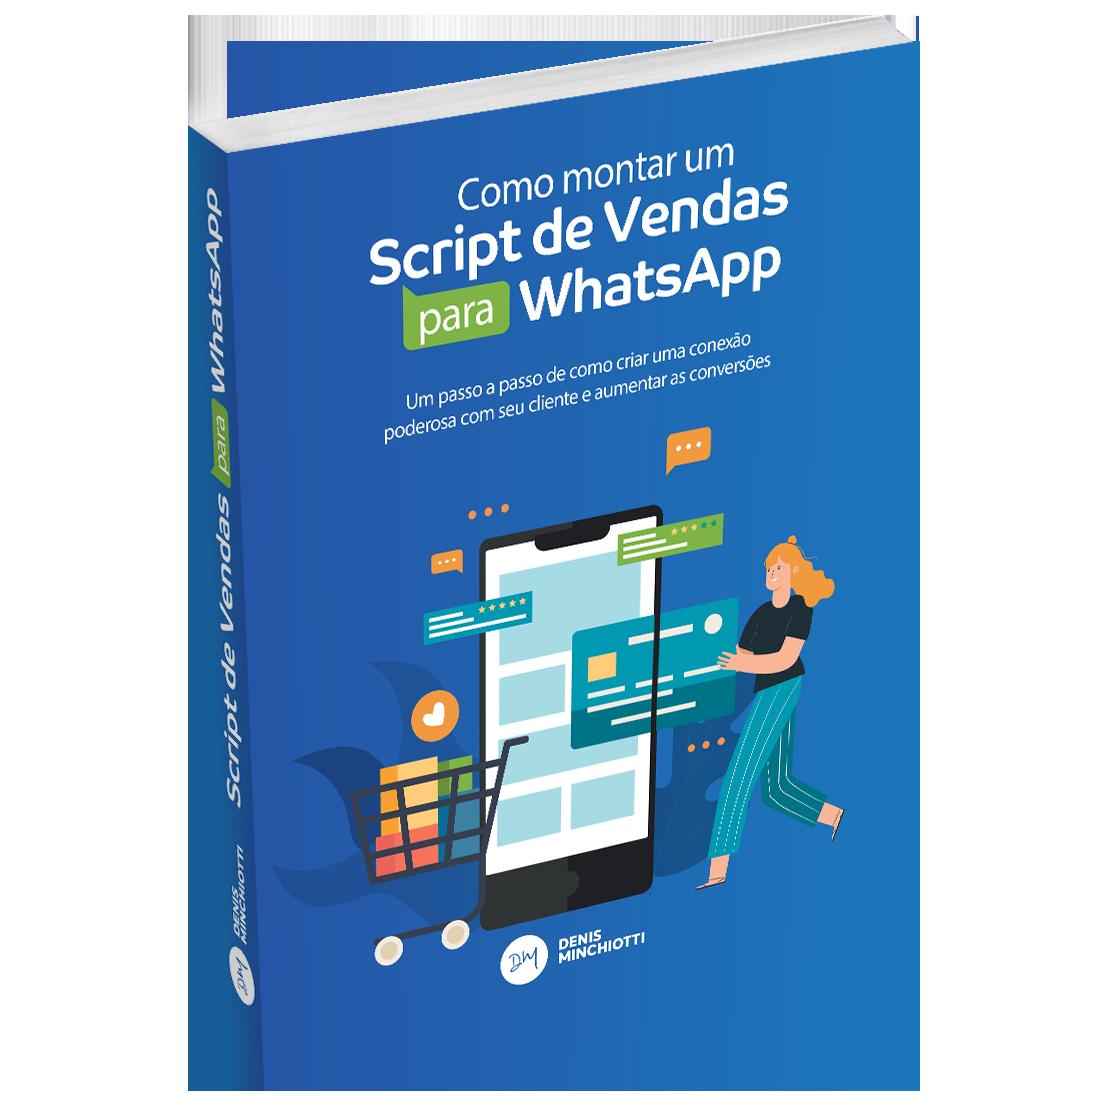 Como montar um Script de Vendas para WhatsApp Denis Minchiotti